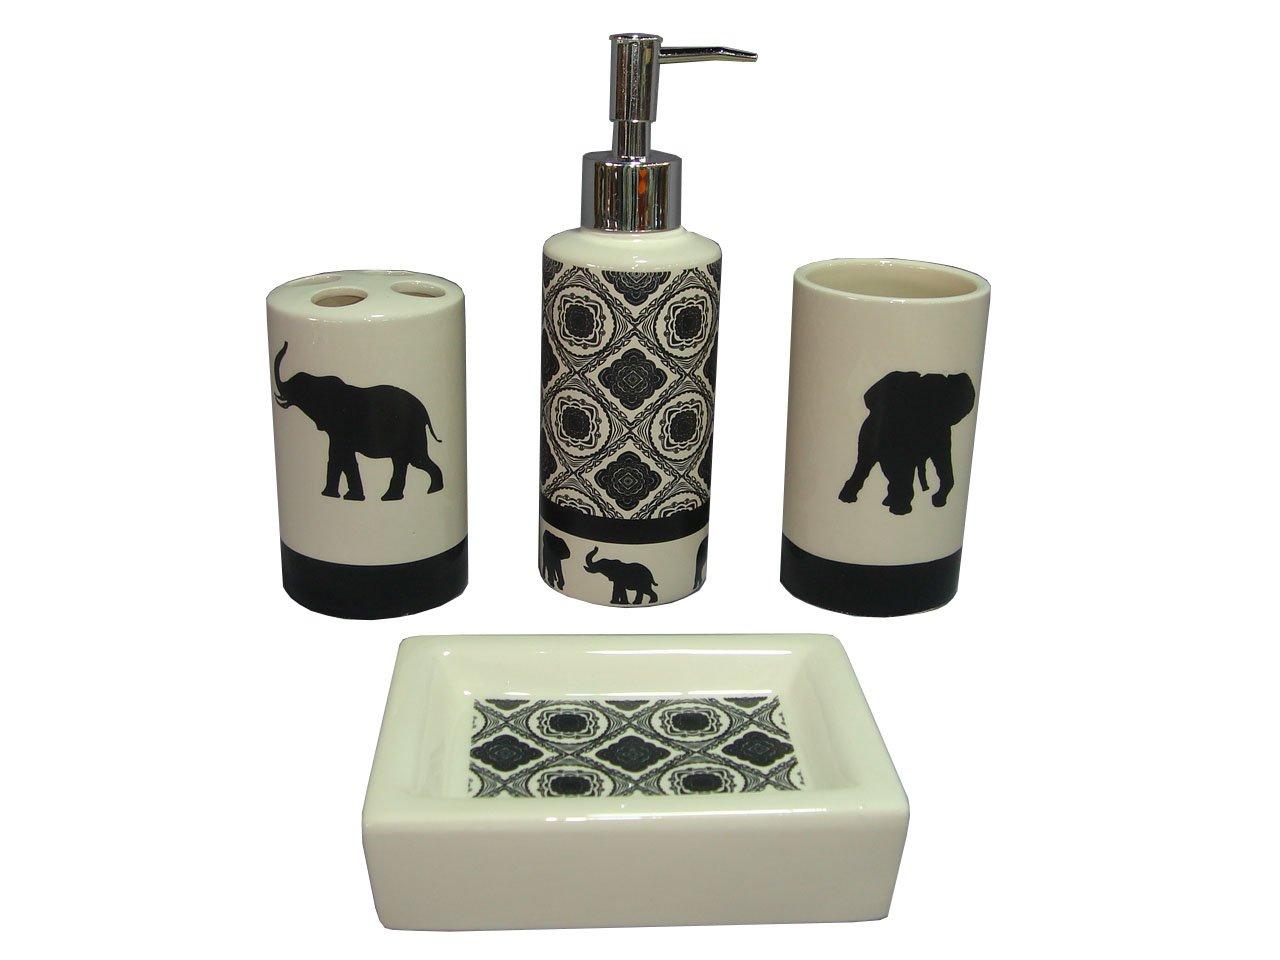 Genial Amazon.com: Indecor Home 4 Piece Ceramic Elephant Parade Bath Set: Home U0026  Kitchen